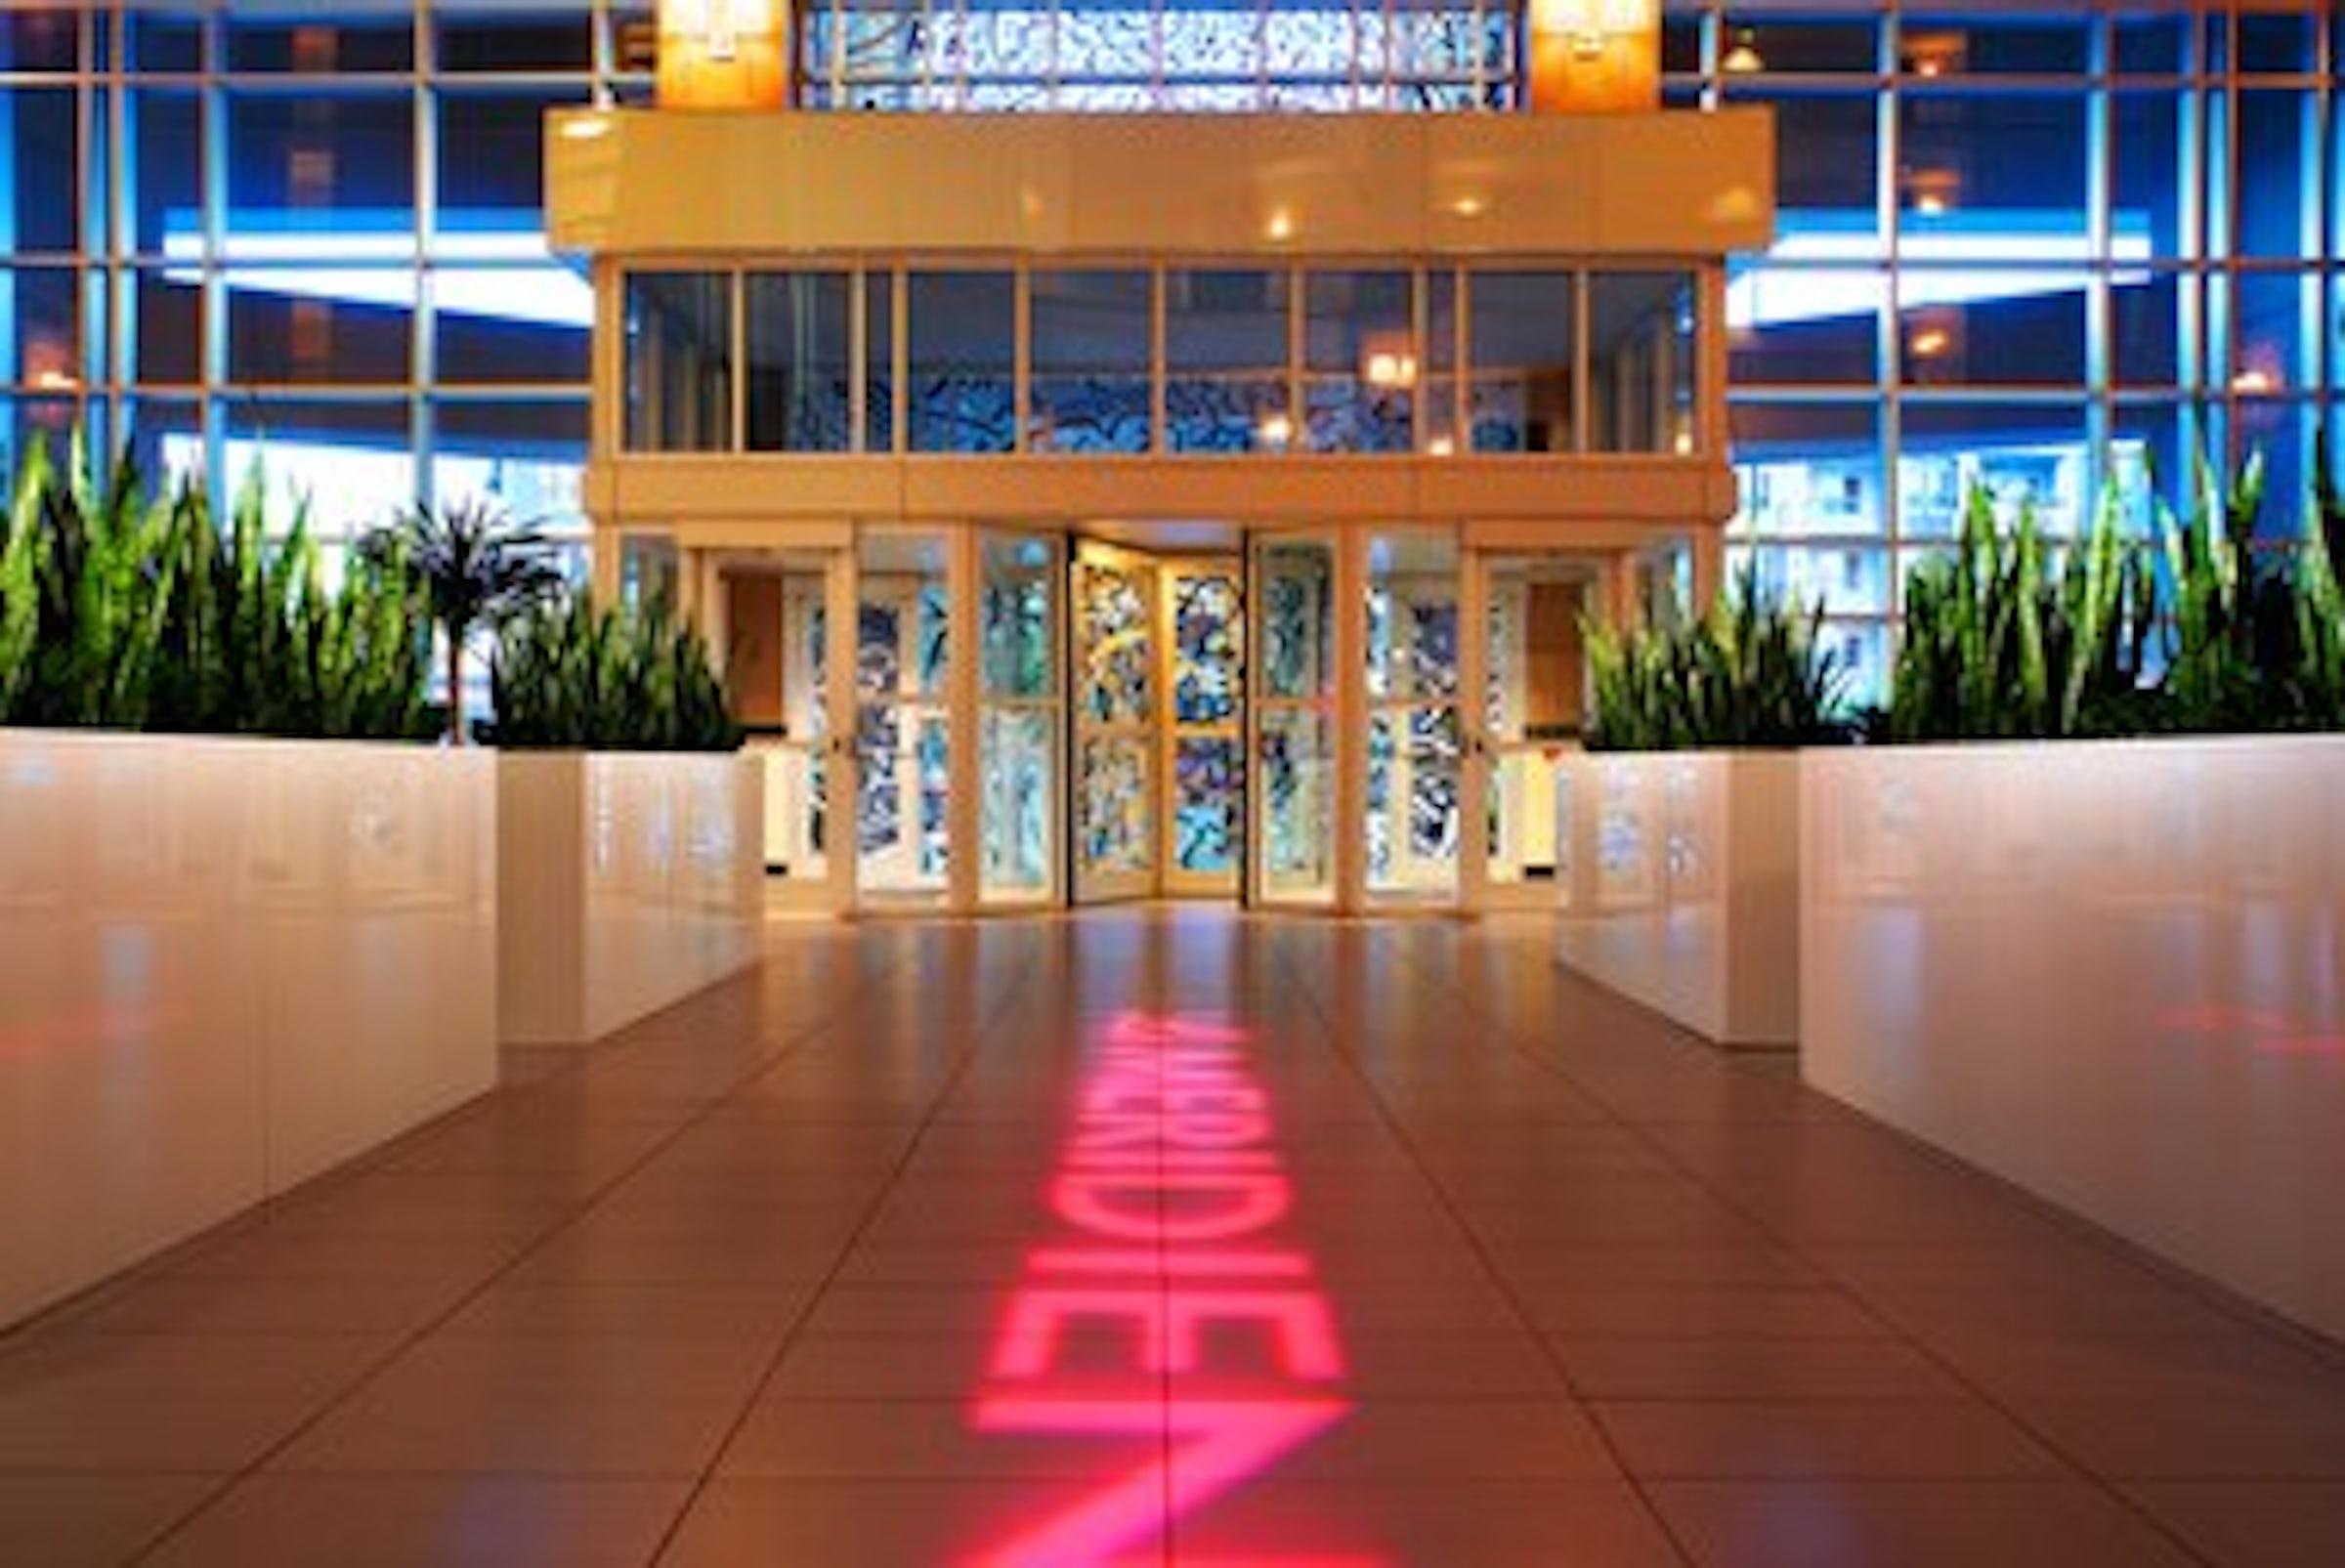 Le Meridien Dallas by the Galleria in Beyond Dallas